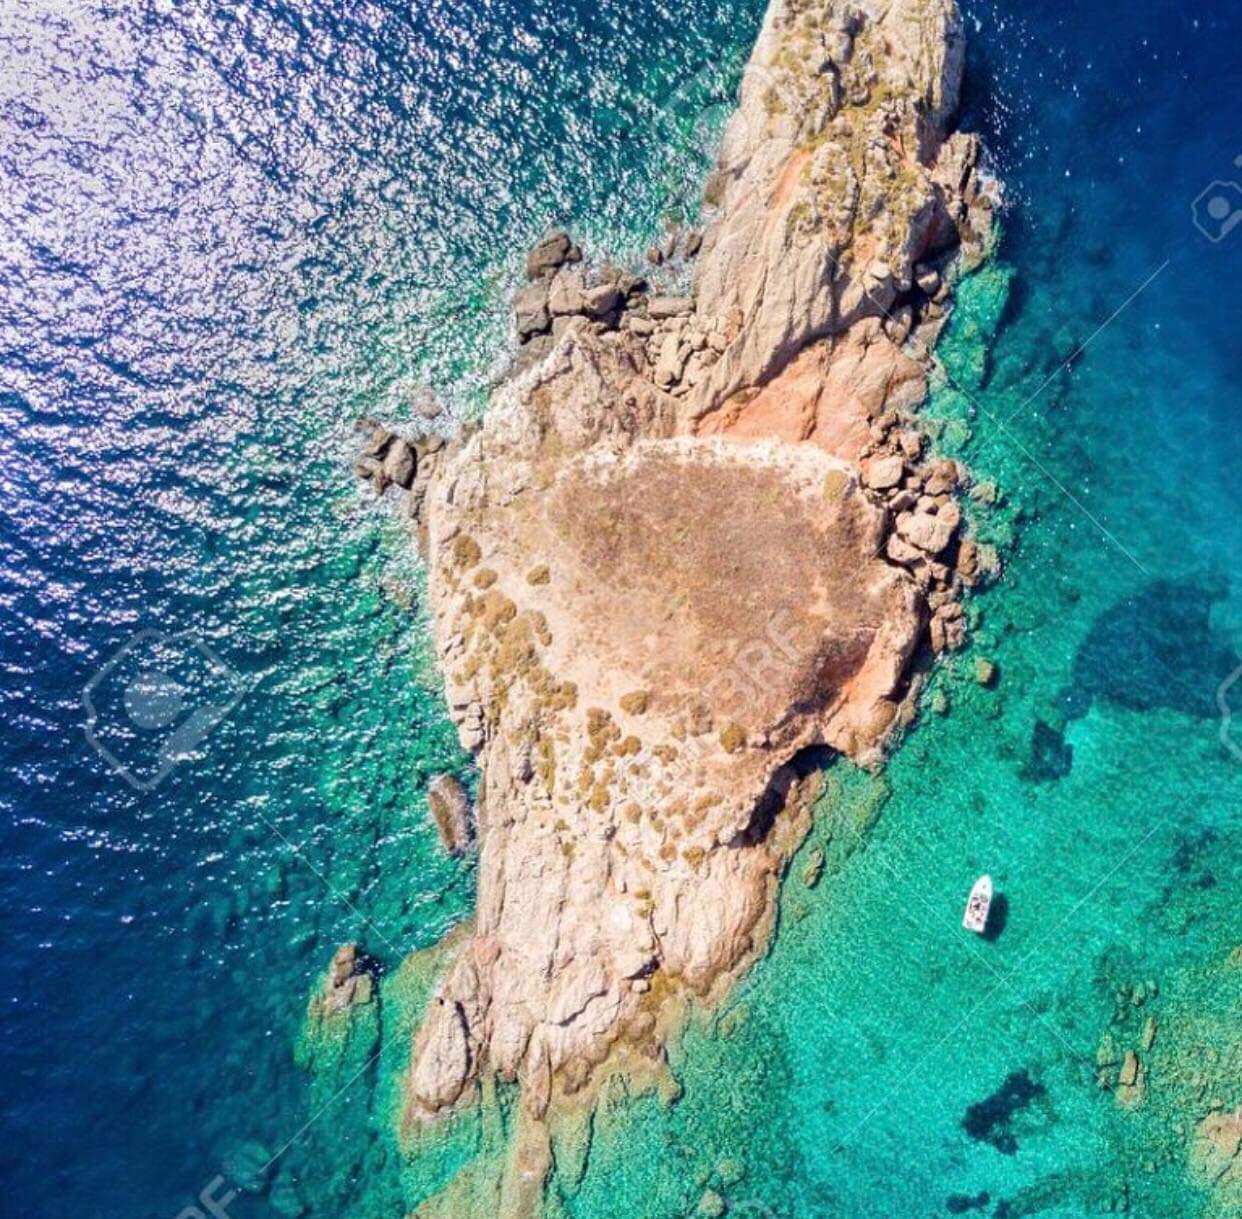 POTHITOS ISLAND